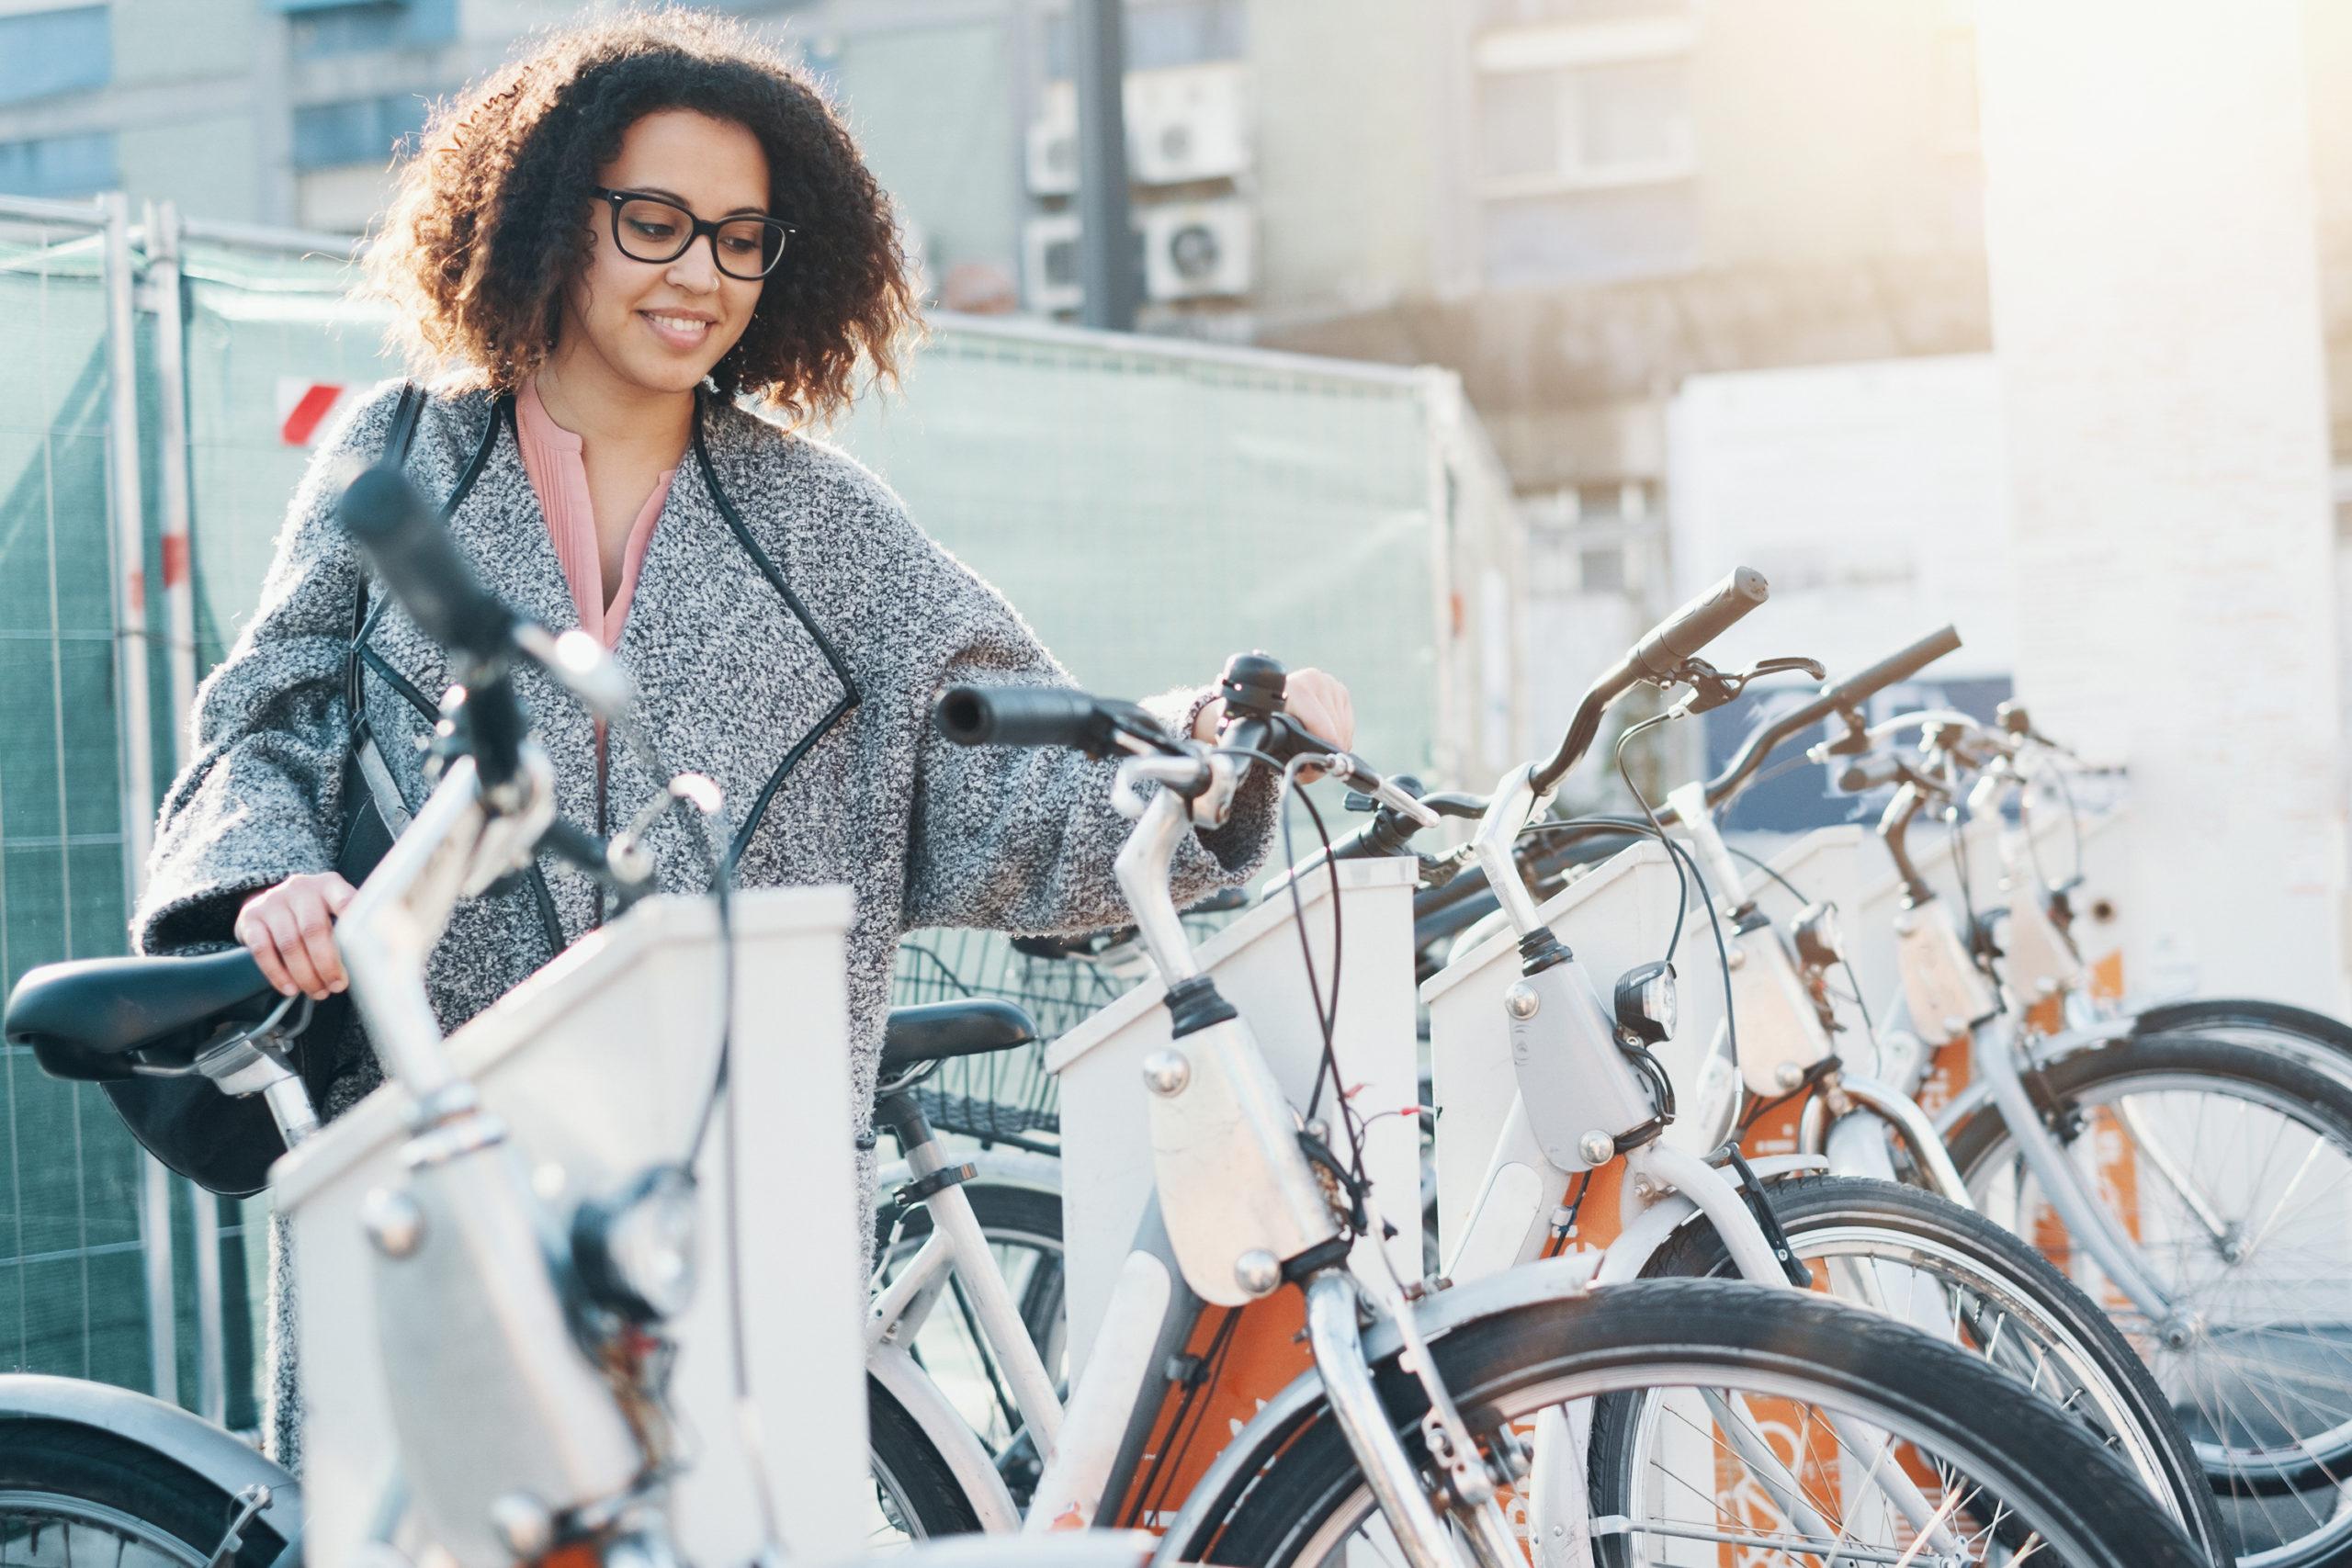 Die neue urbane Mobilität